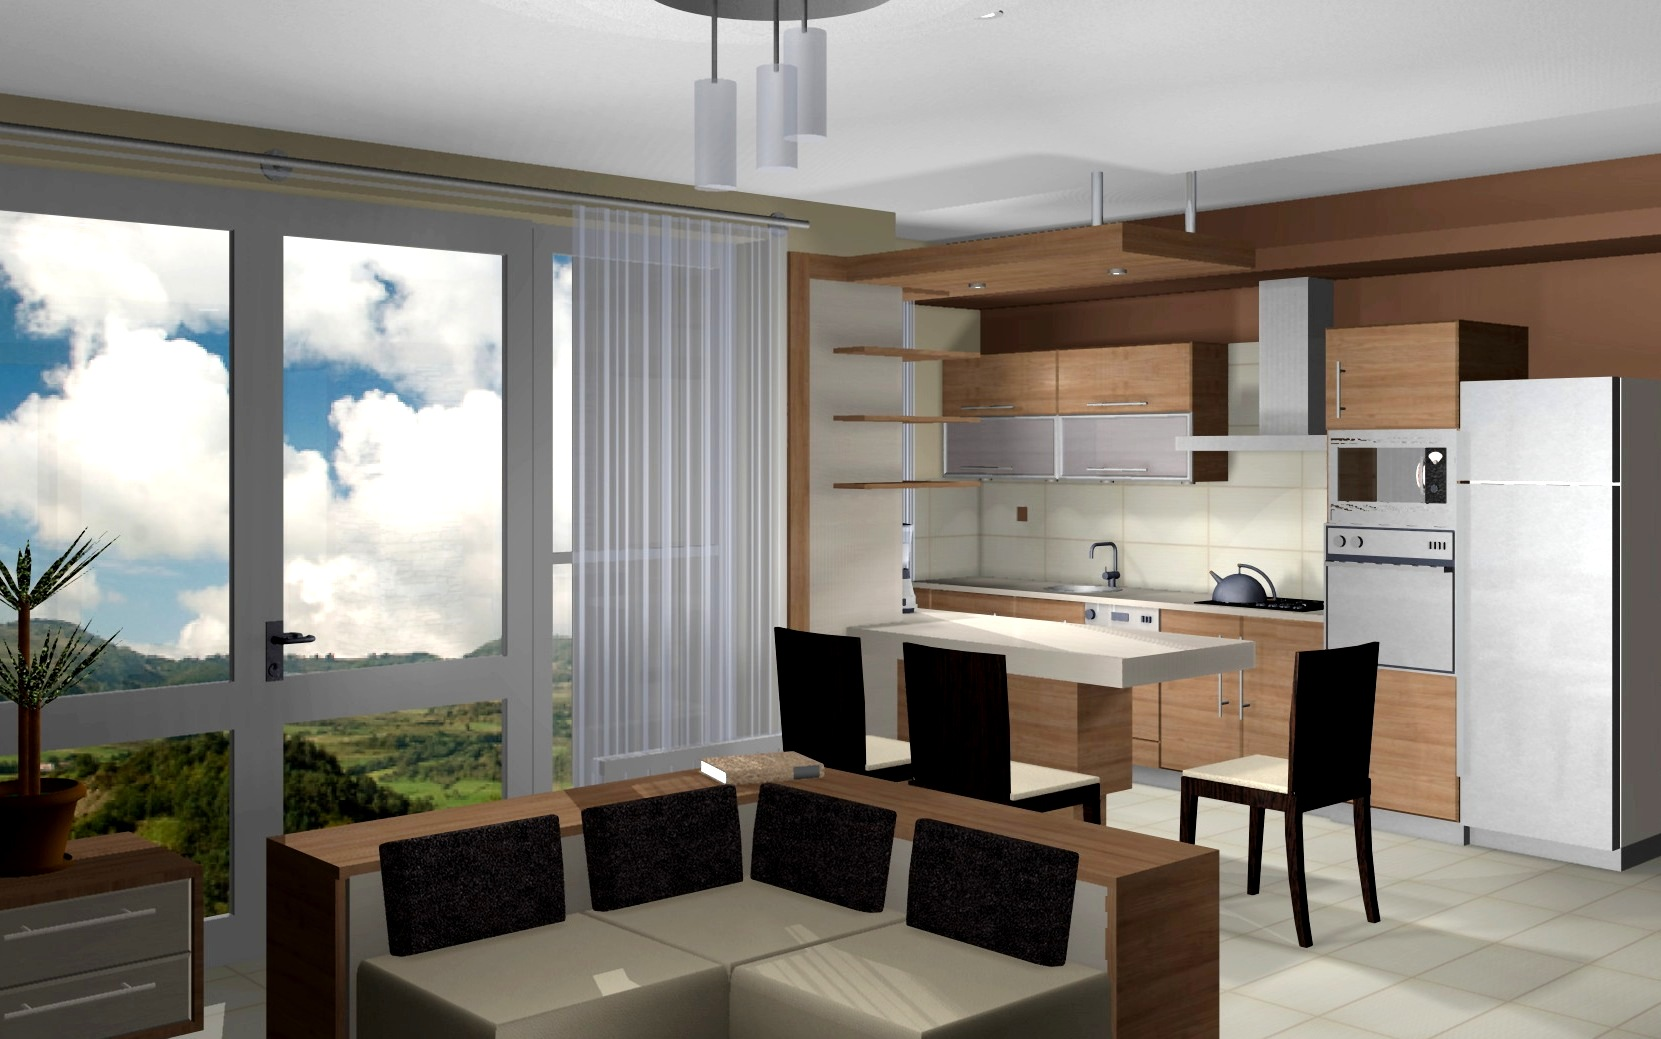 Lakóparki lakás tervezése